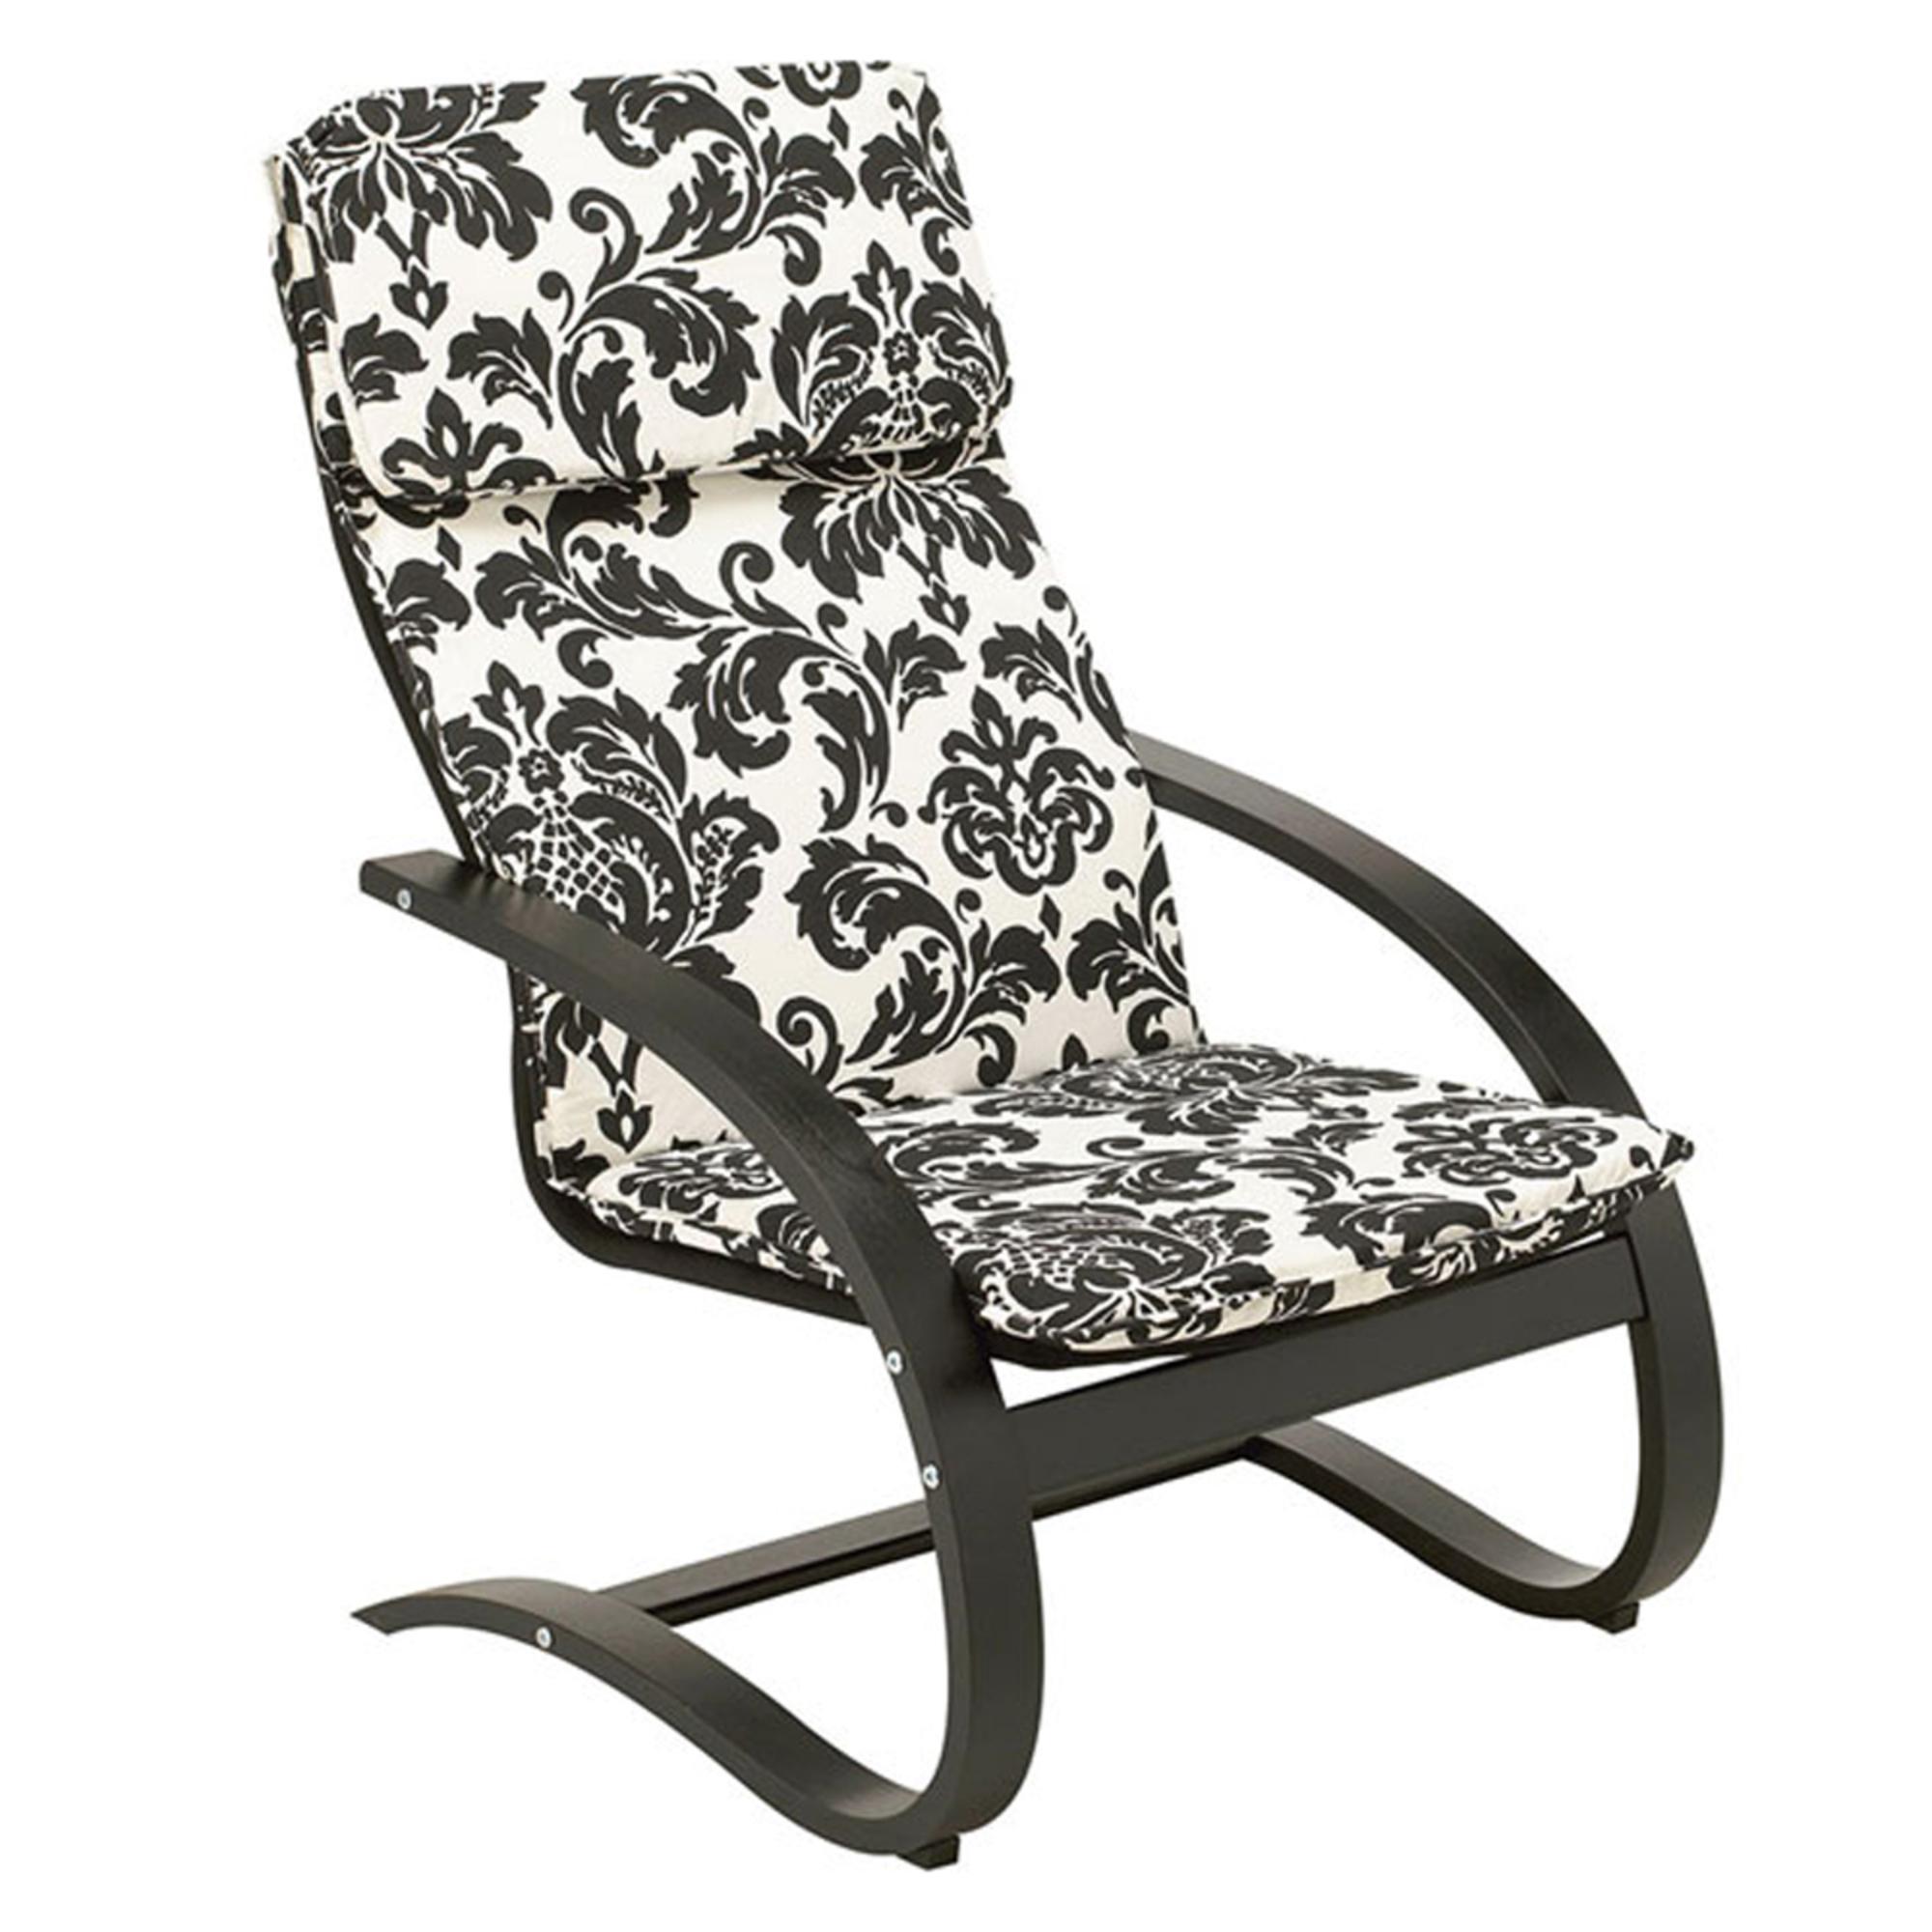 fauteuil arabesque motifs noir frais de traitement de commande offerts acheter ce produit. Black Bedroom Furniture Sets. Home Design Ideas